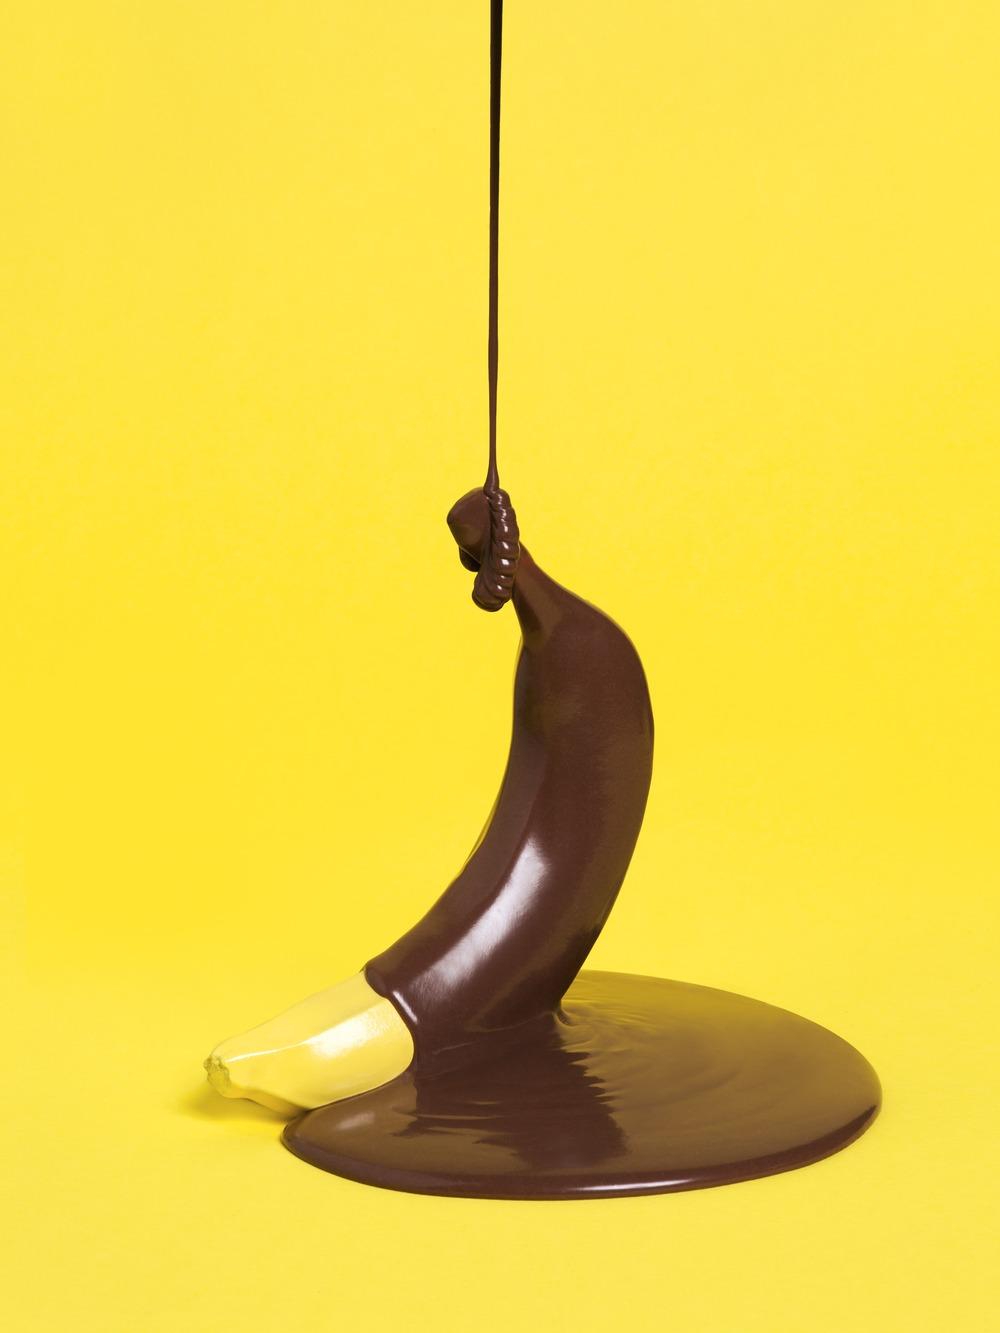 banana+choc.jpg